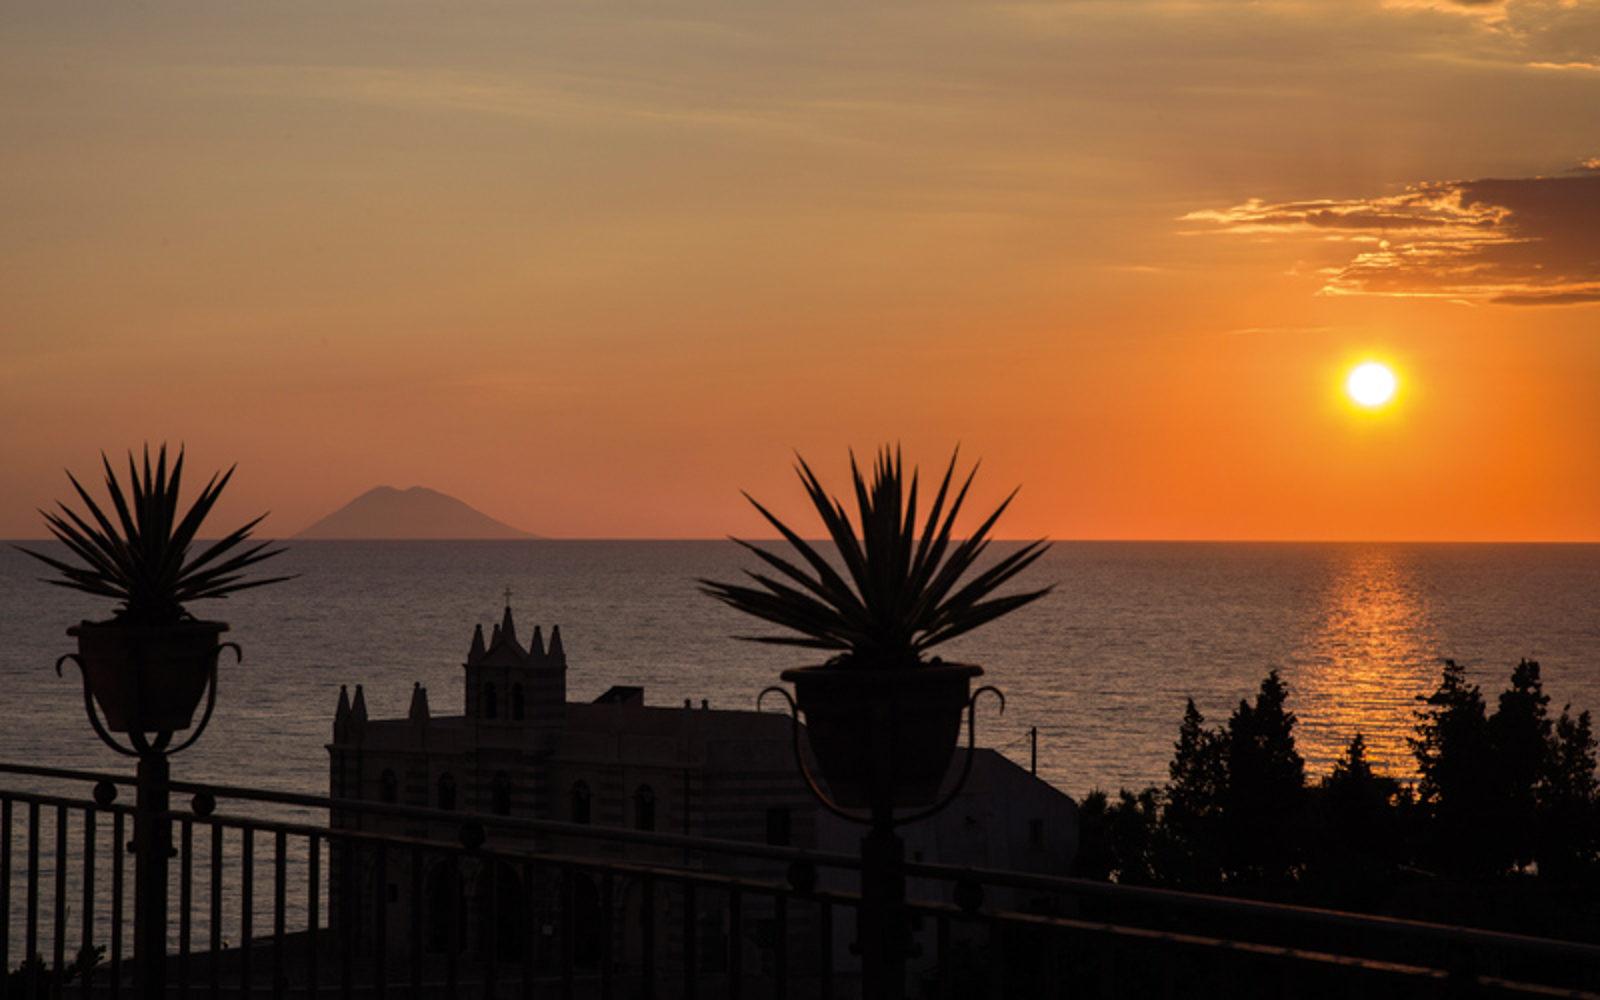 Tramonto da Tropea e Capo vaticano in Calabria sullo Stromboli